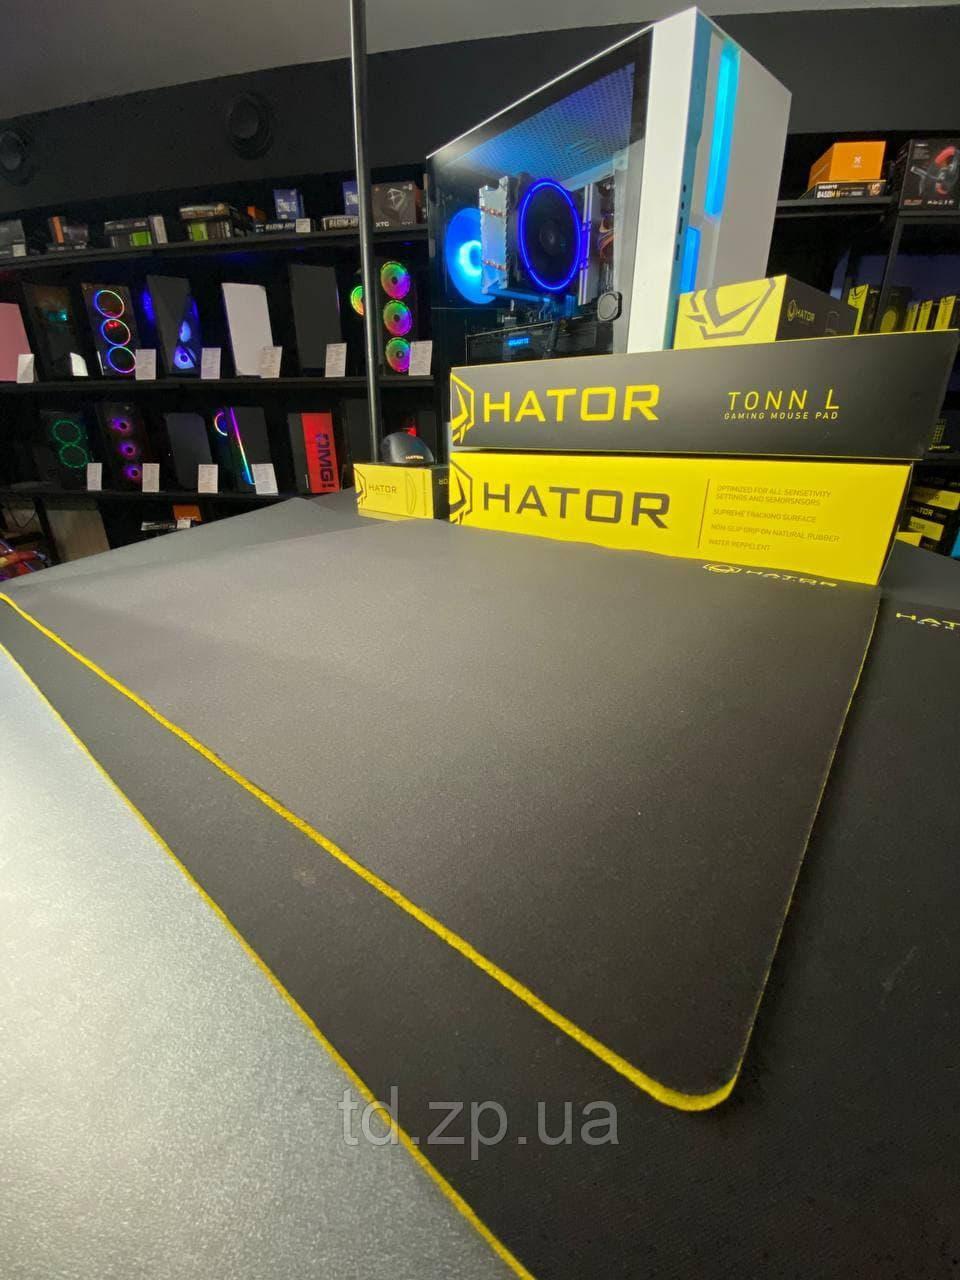 Ігрова поверхня Hator Tonn L